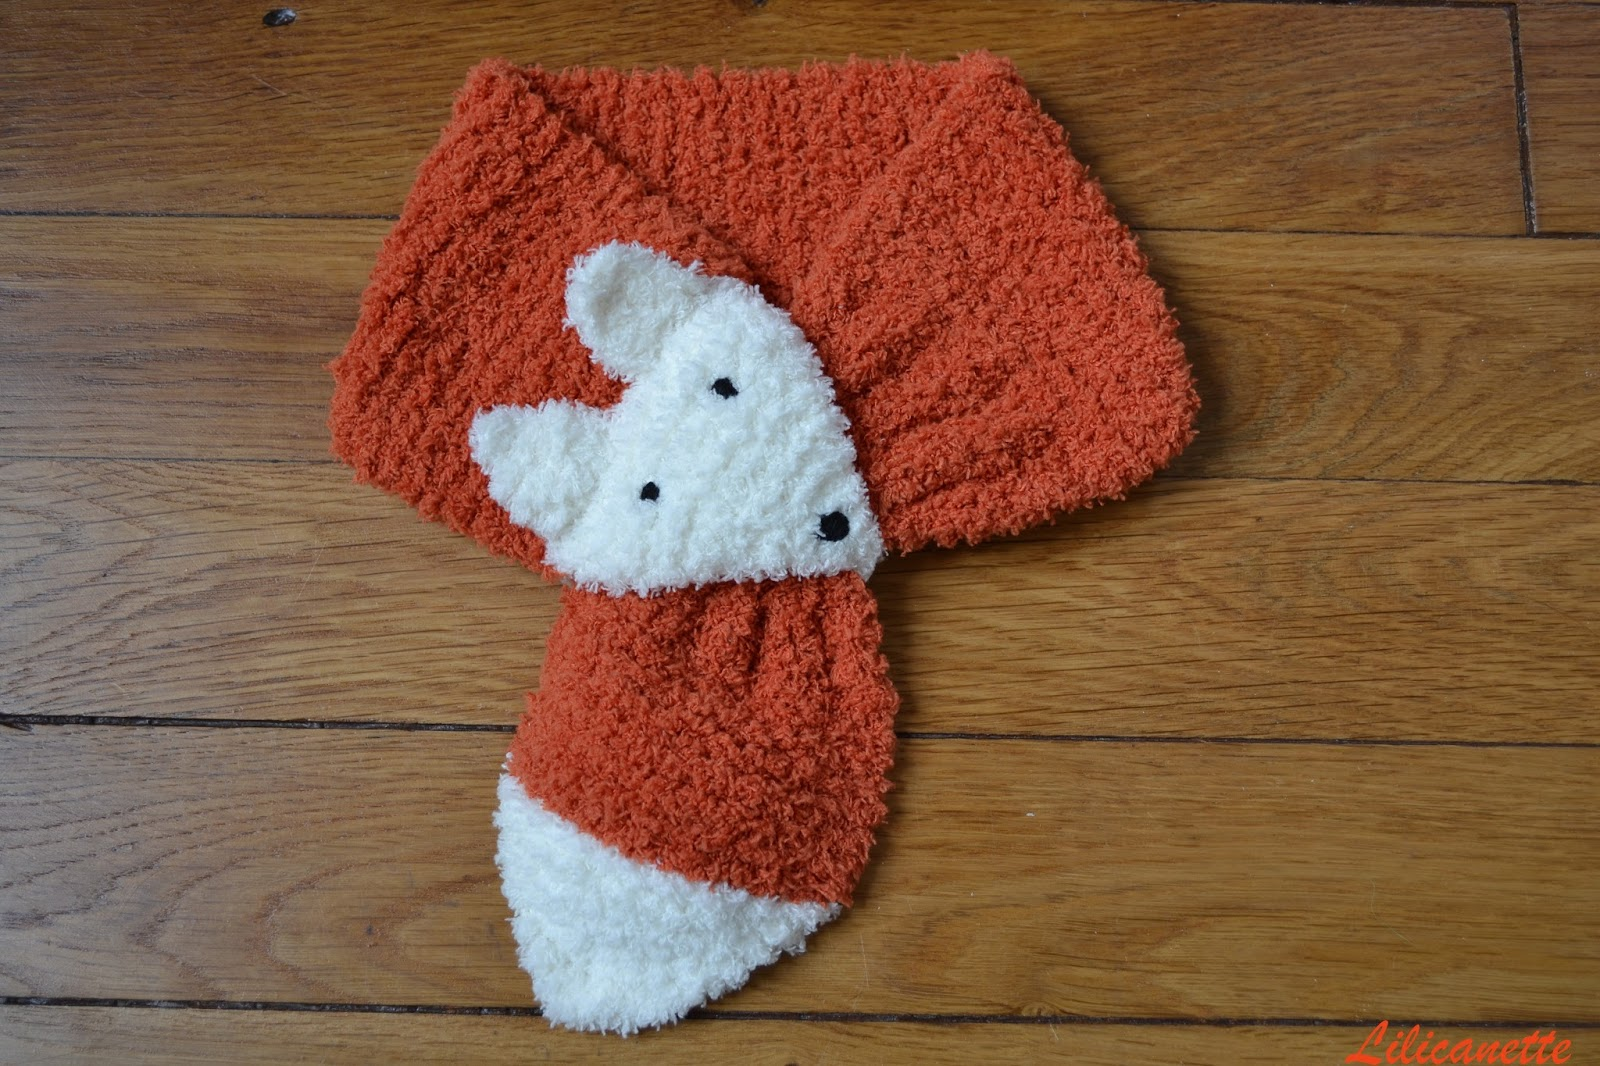 Tricot point mousse echarpe bebe - Idées de tricot gratuit fba2abe69dd